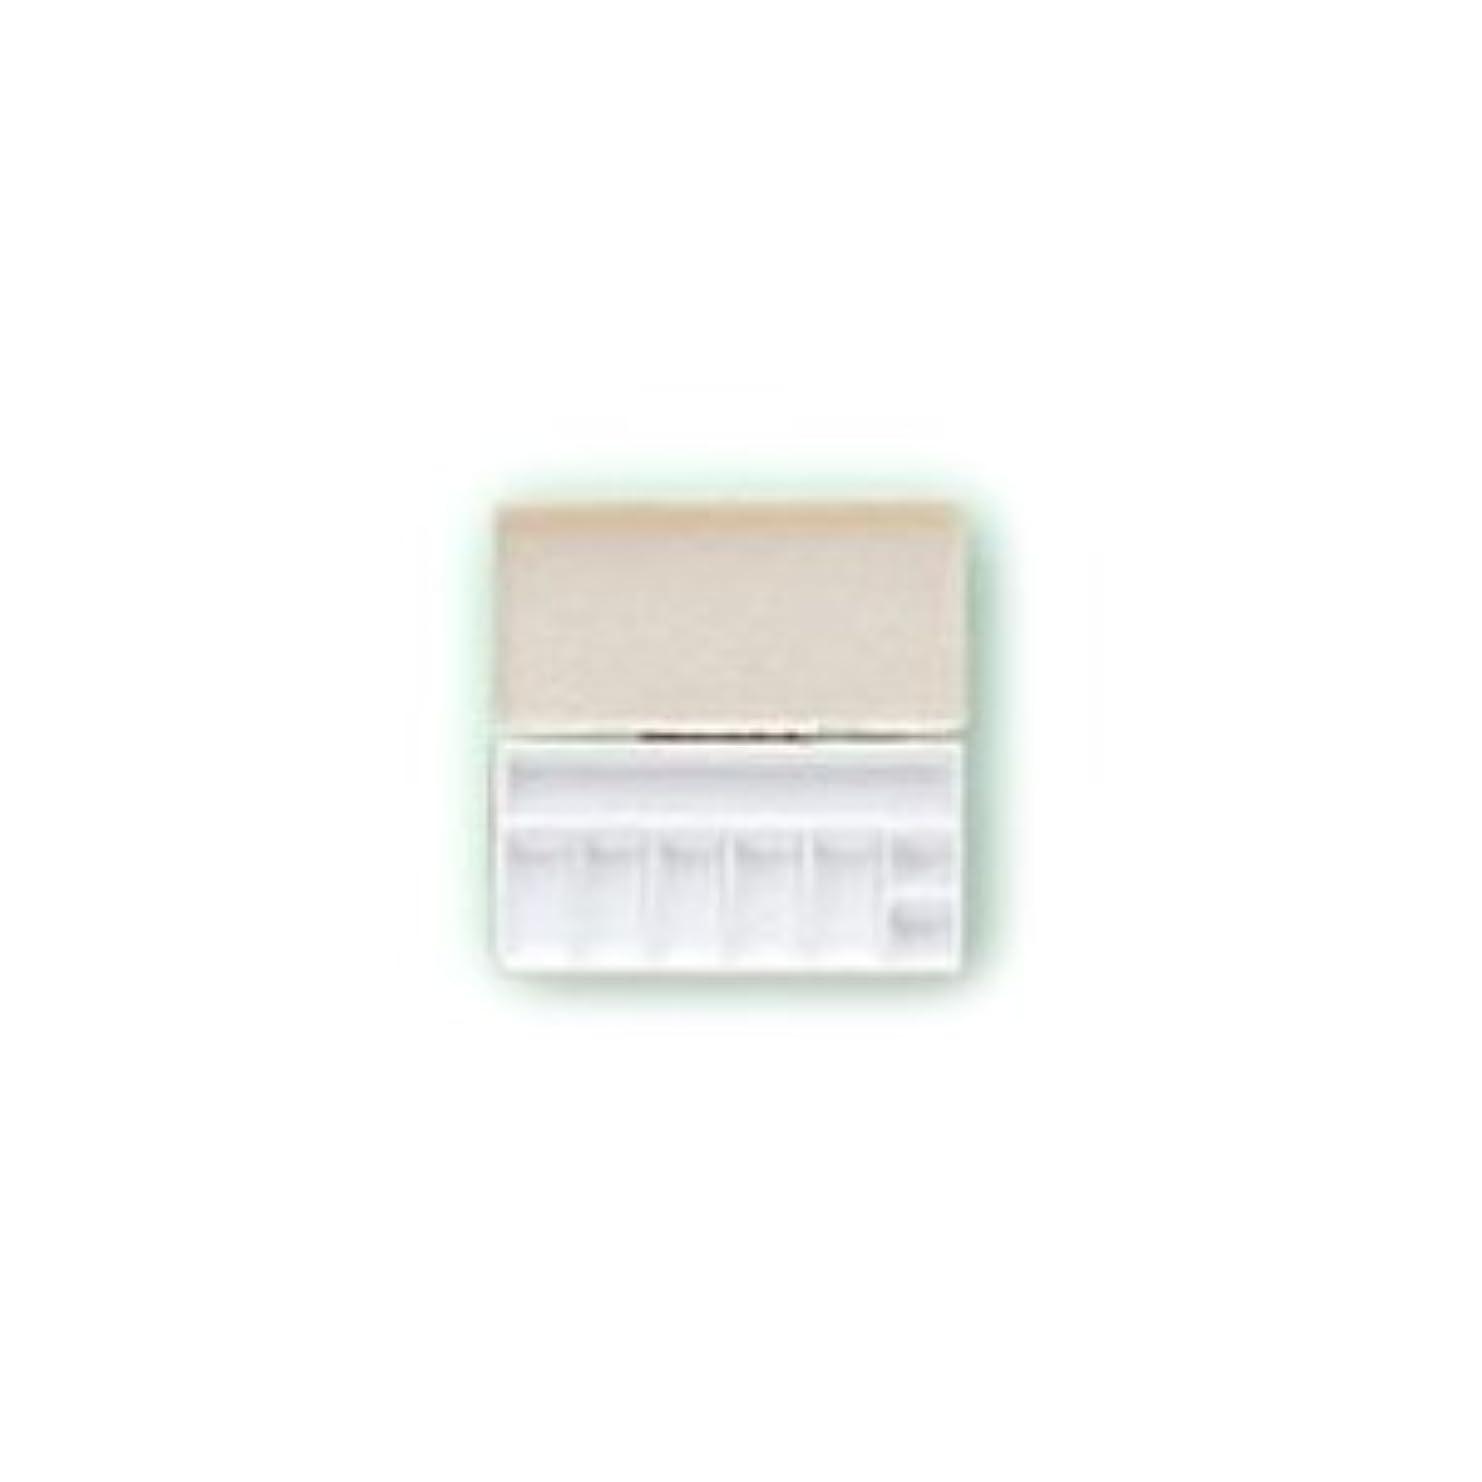 仲間スズメバチメタン三善 パレット メイクアップパレット 携帯用パレット 106×53mmサイズ 1 (C)